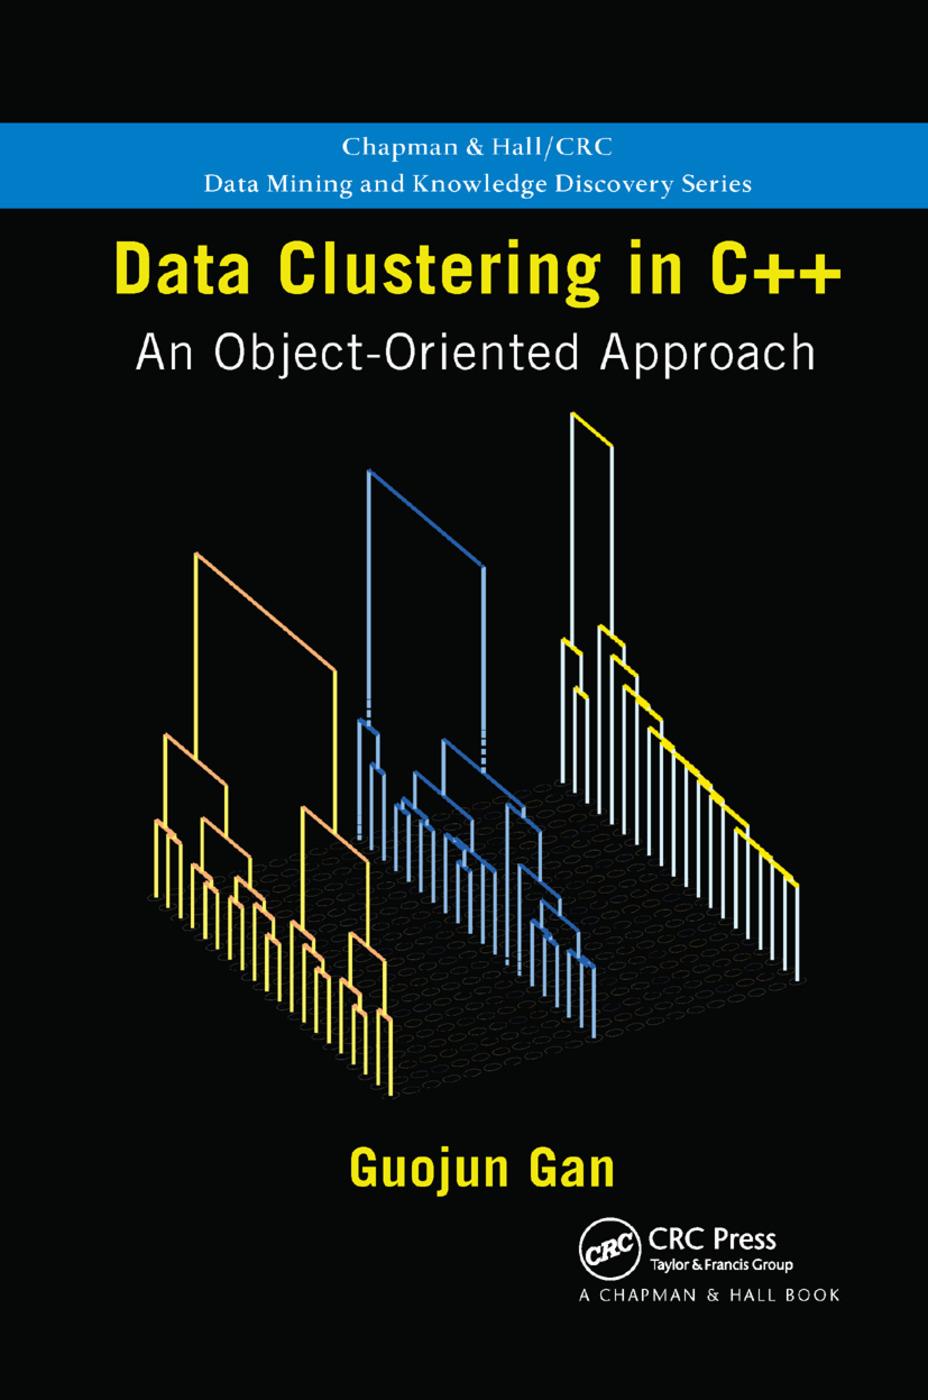 Data Clustering in C++